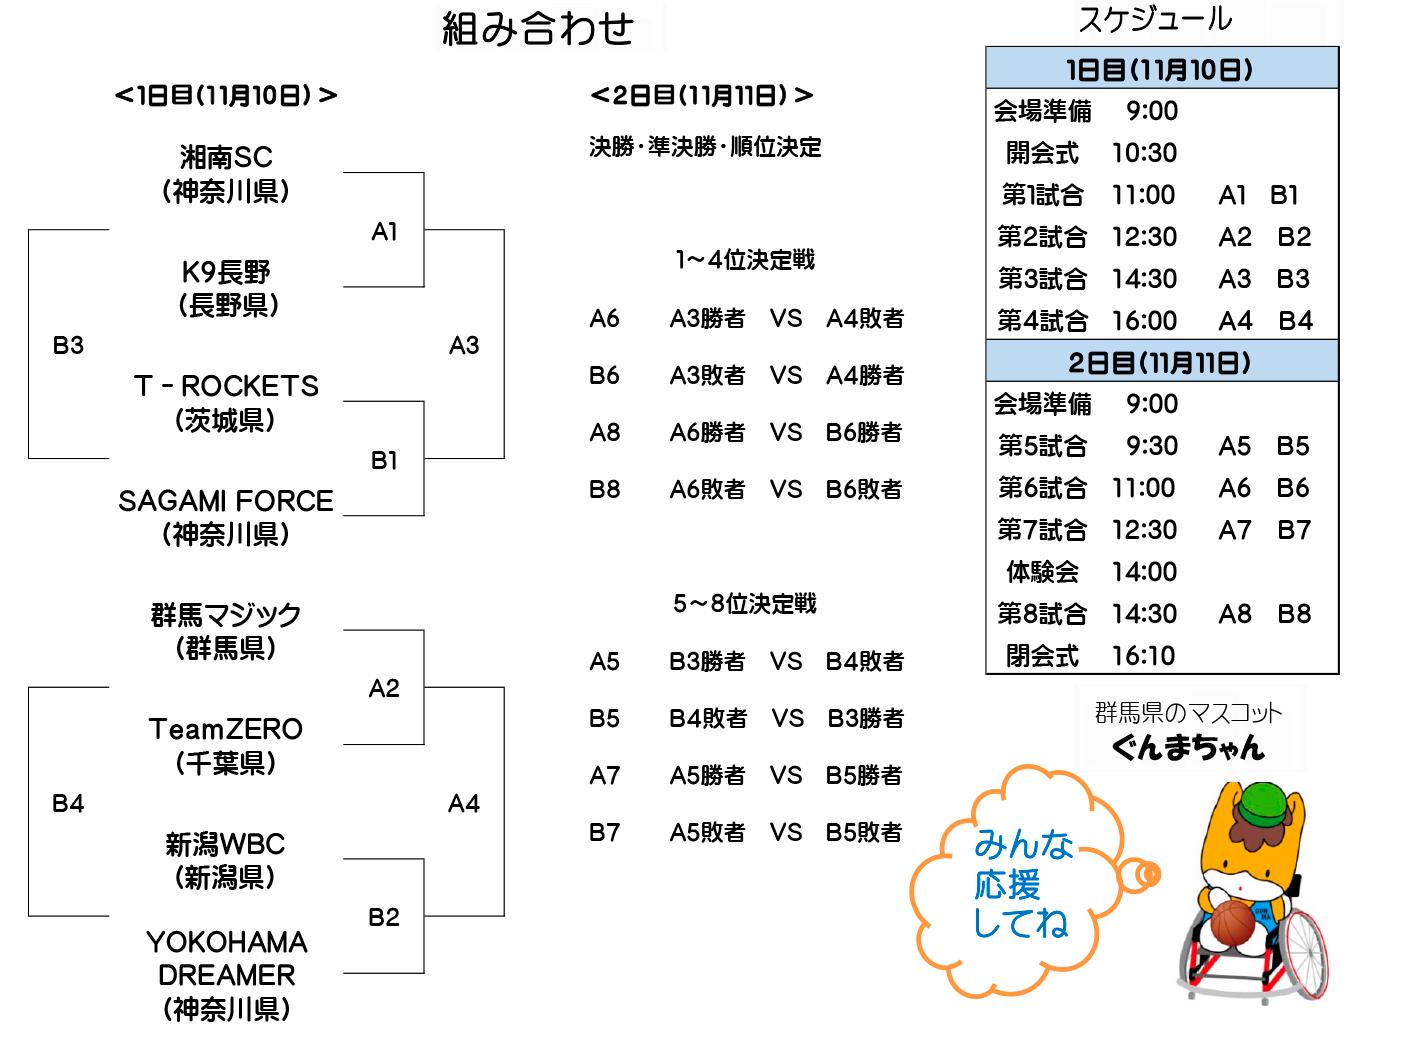 2018年度 第6回 安中カップ - 組み合わせ(2018-10-30)